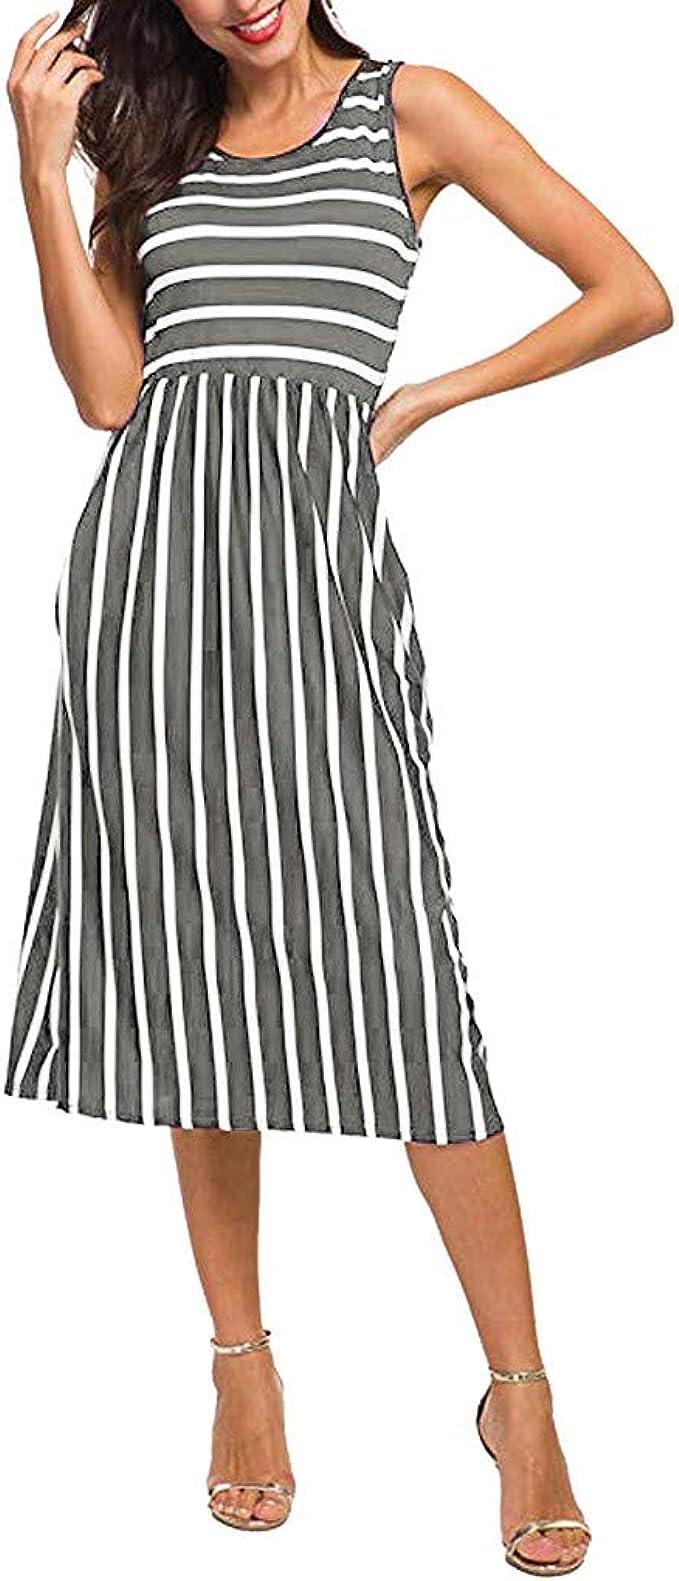 satiny Damenkleid Mode Gestreiftes Frauen Rundhals A-Linie